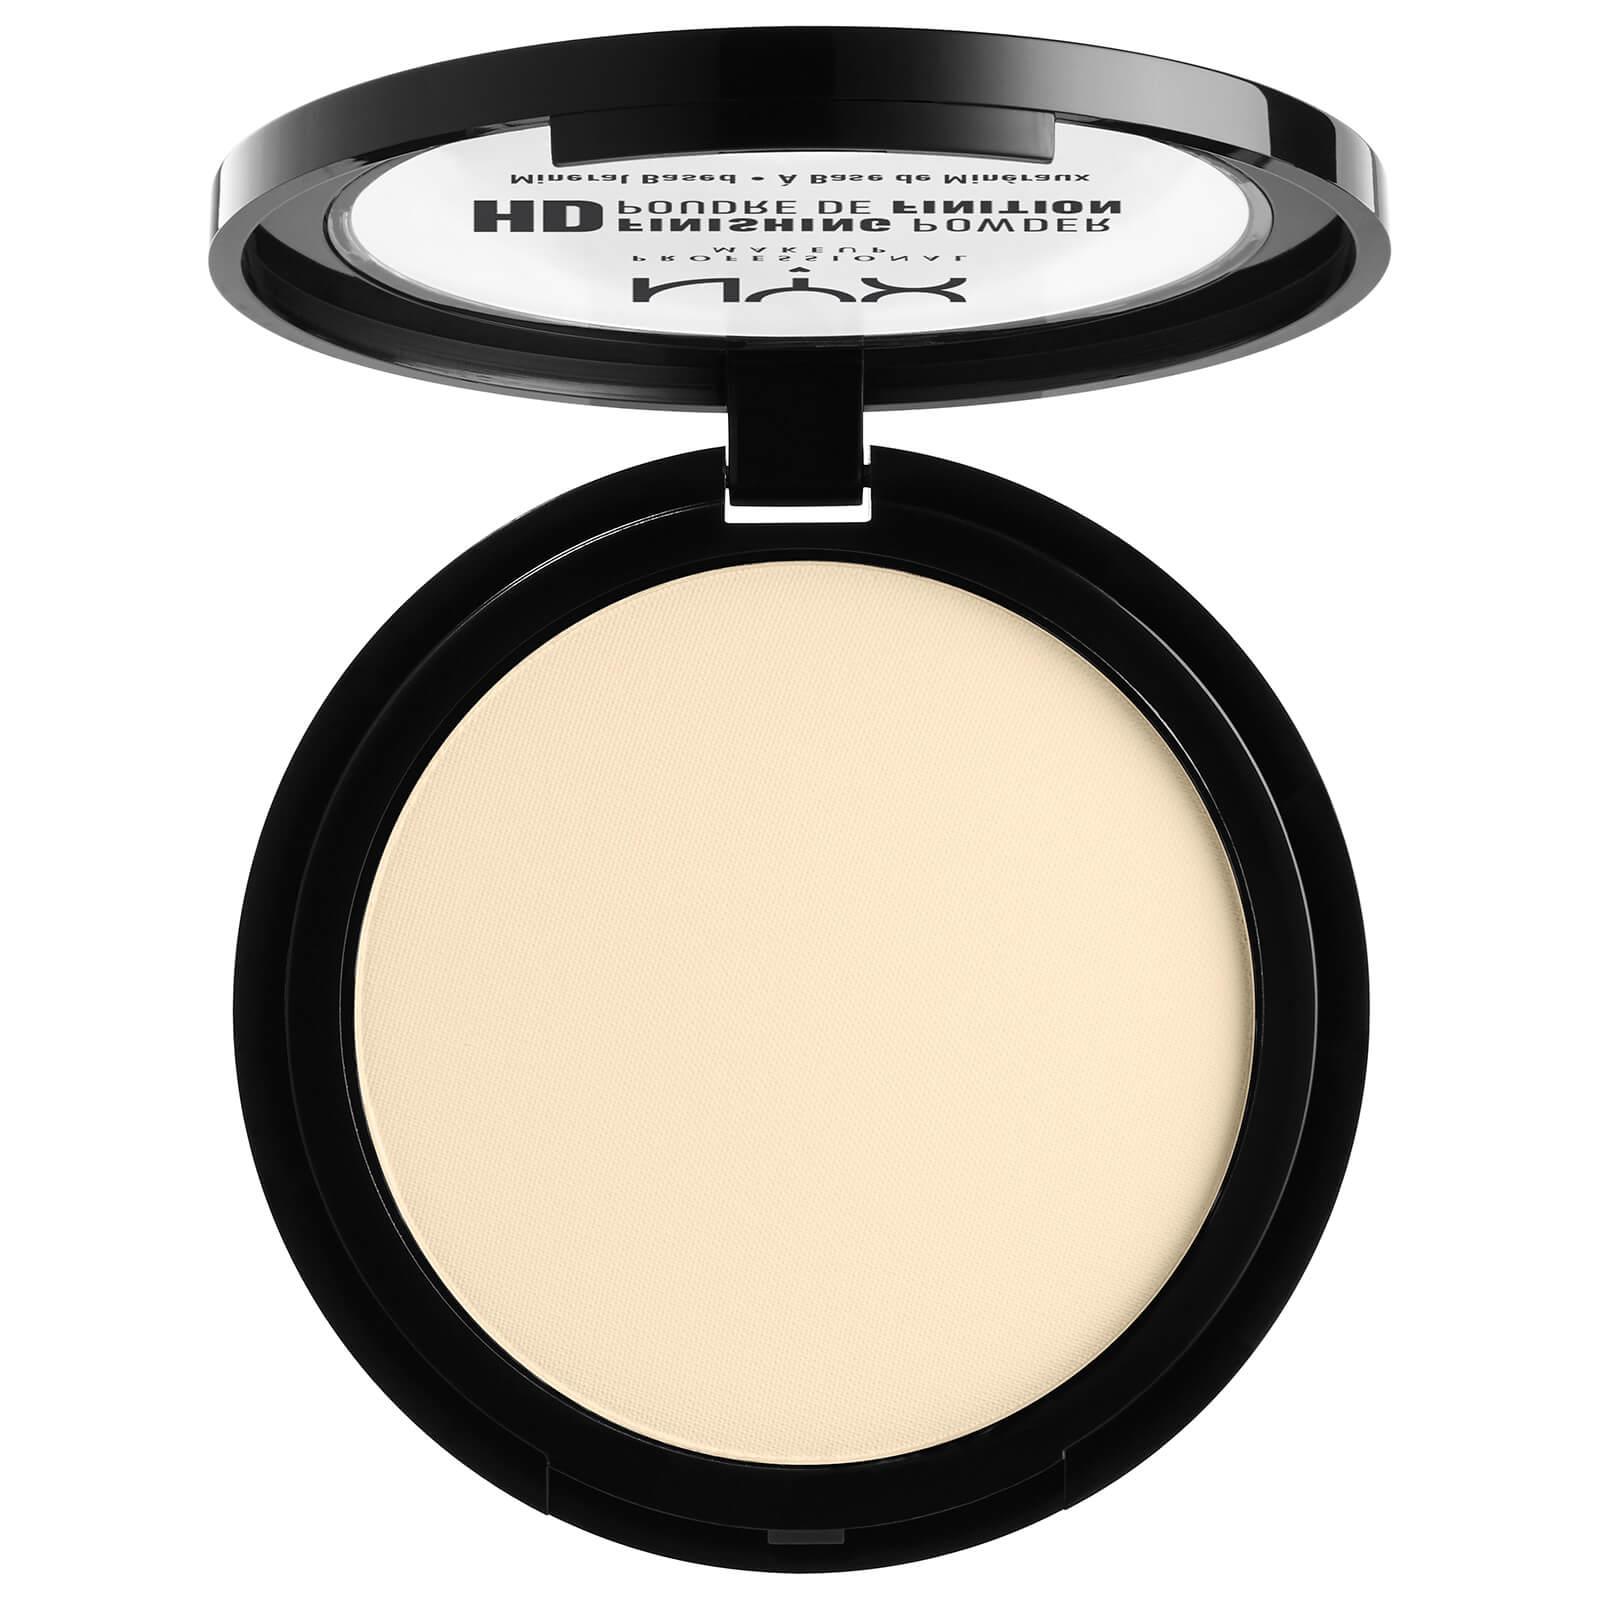 Купить Фиксирующая пудра для лица NYX Professional Makeup High Definition Finishing Powder (различные оттенки) - Banana